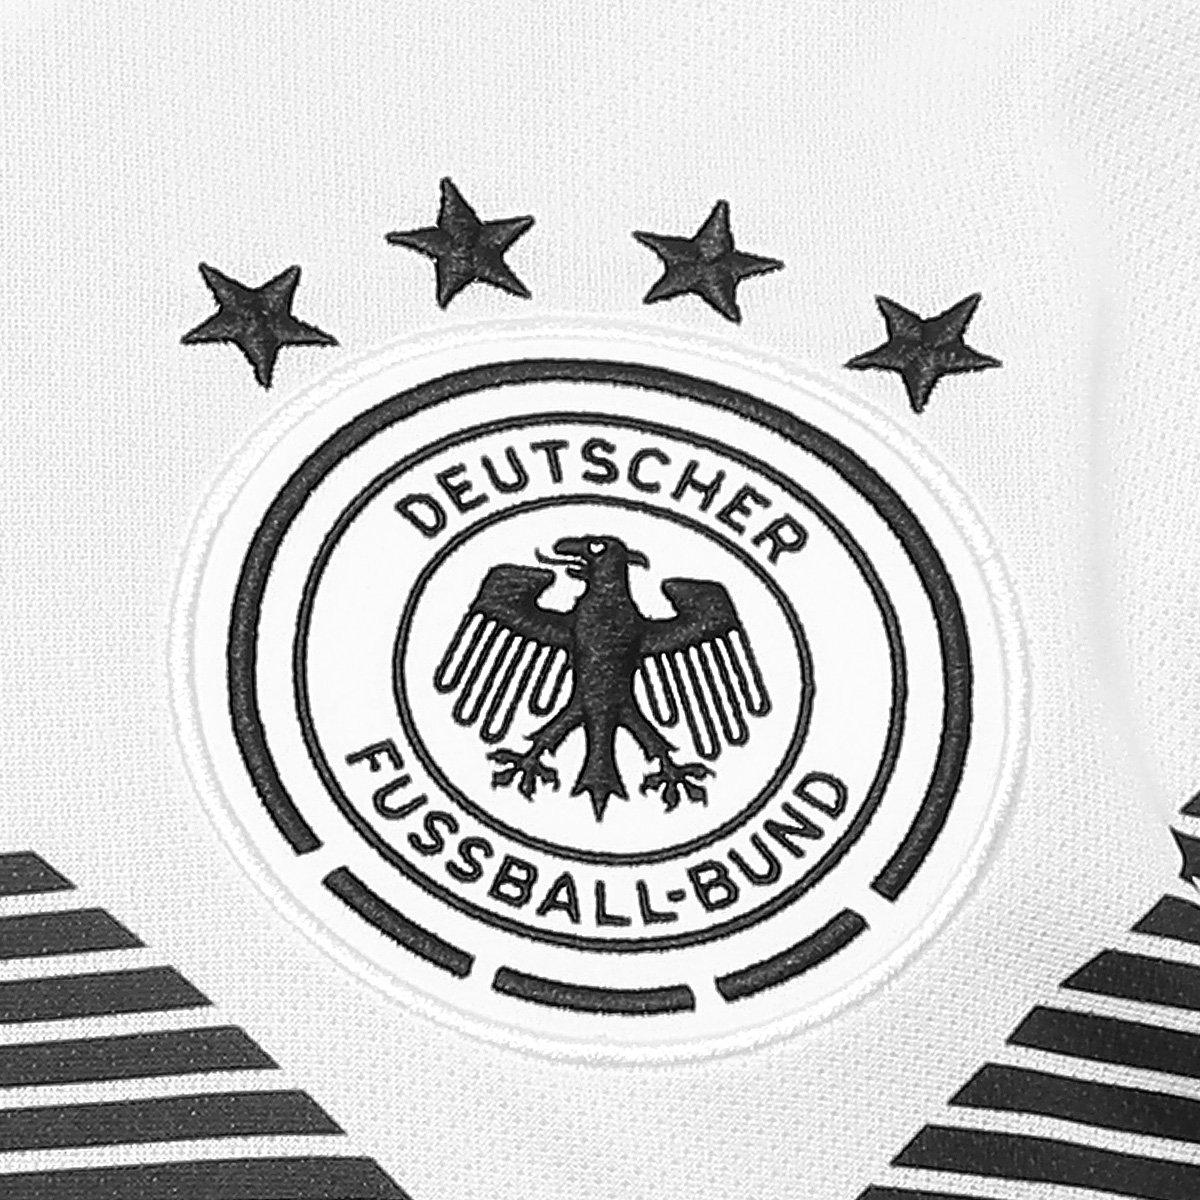 61bf9a52aa ... Camisa Seleção Alemanha Home 2018 n° 14 Goretzka - Torcedor Adidas  Masculina ...